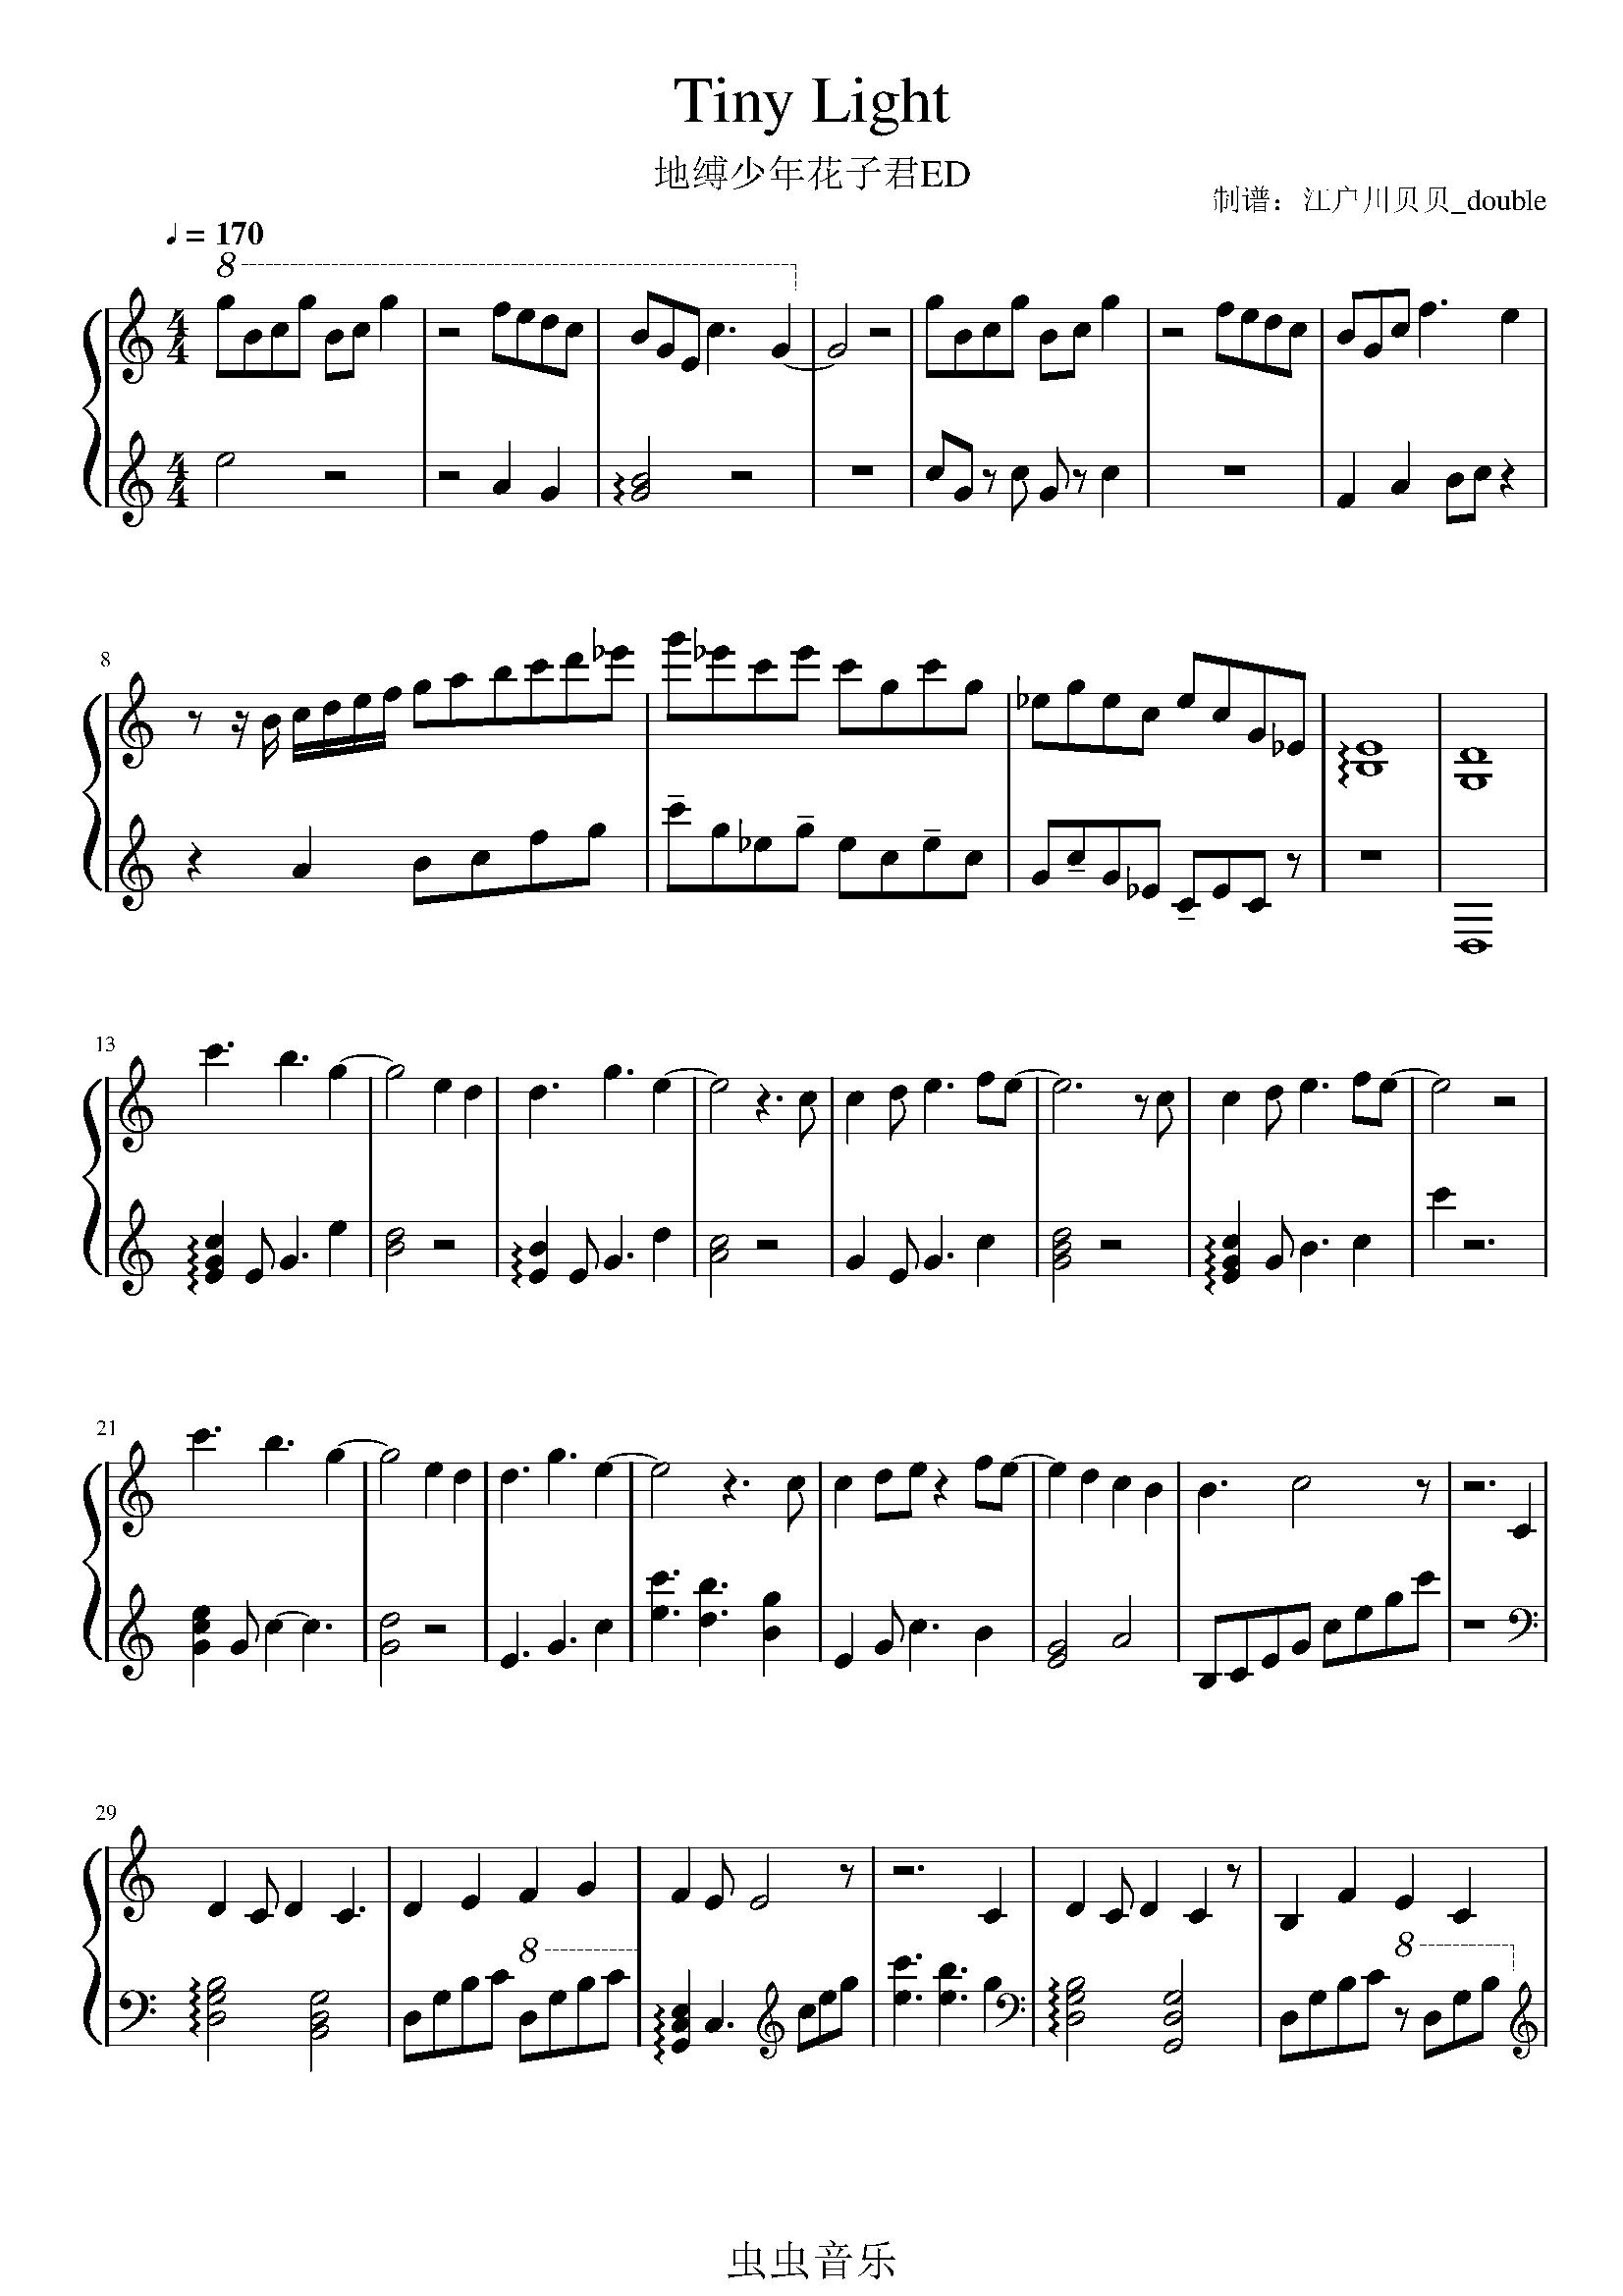 鋼琴 教師 完整 版